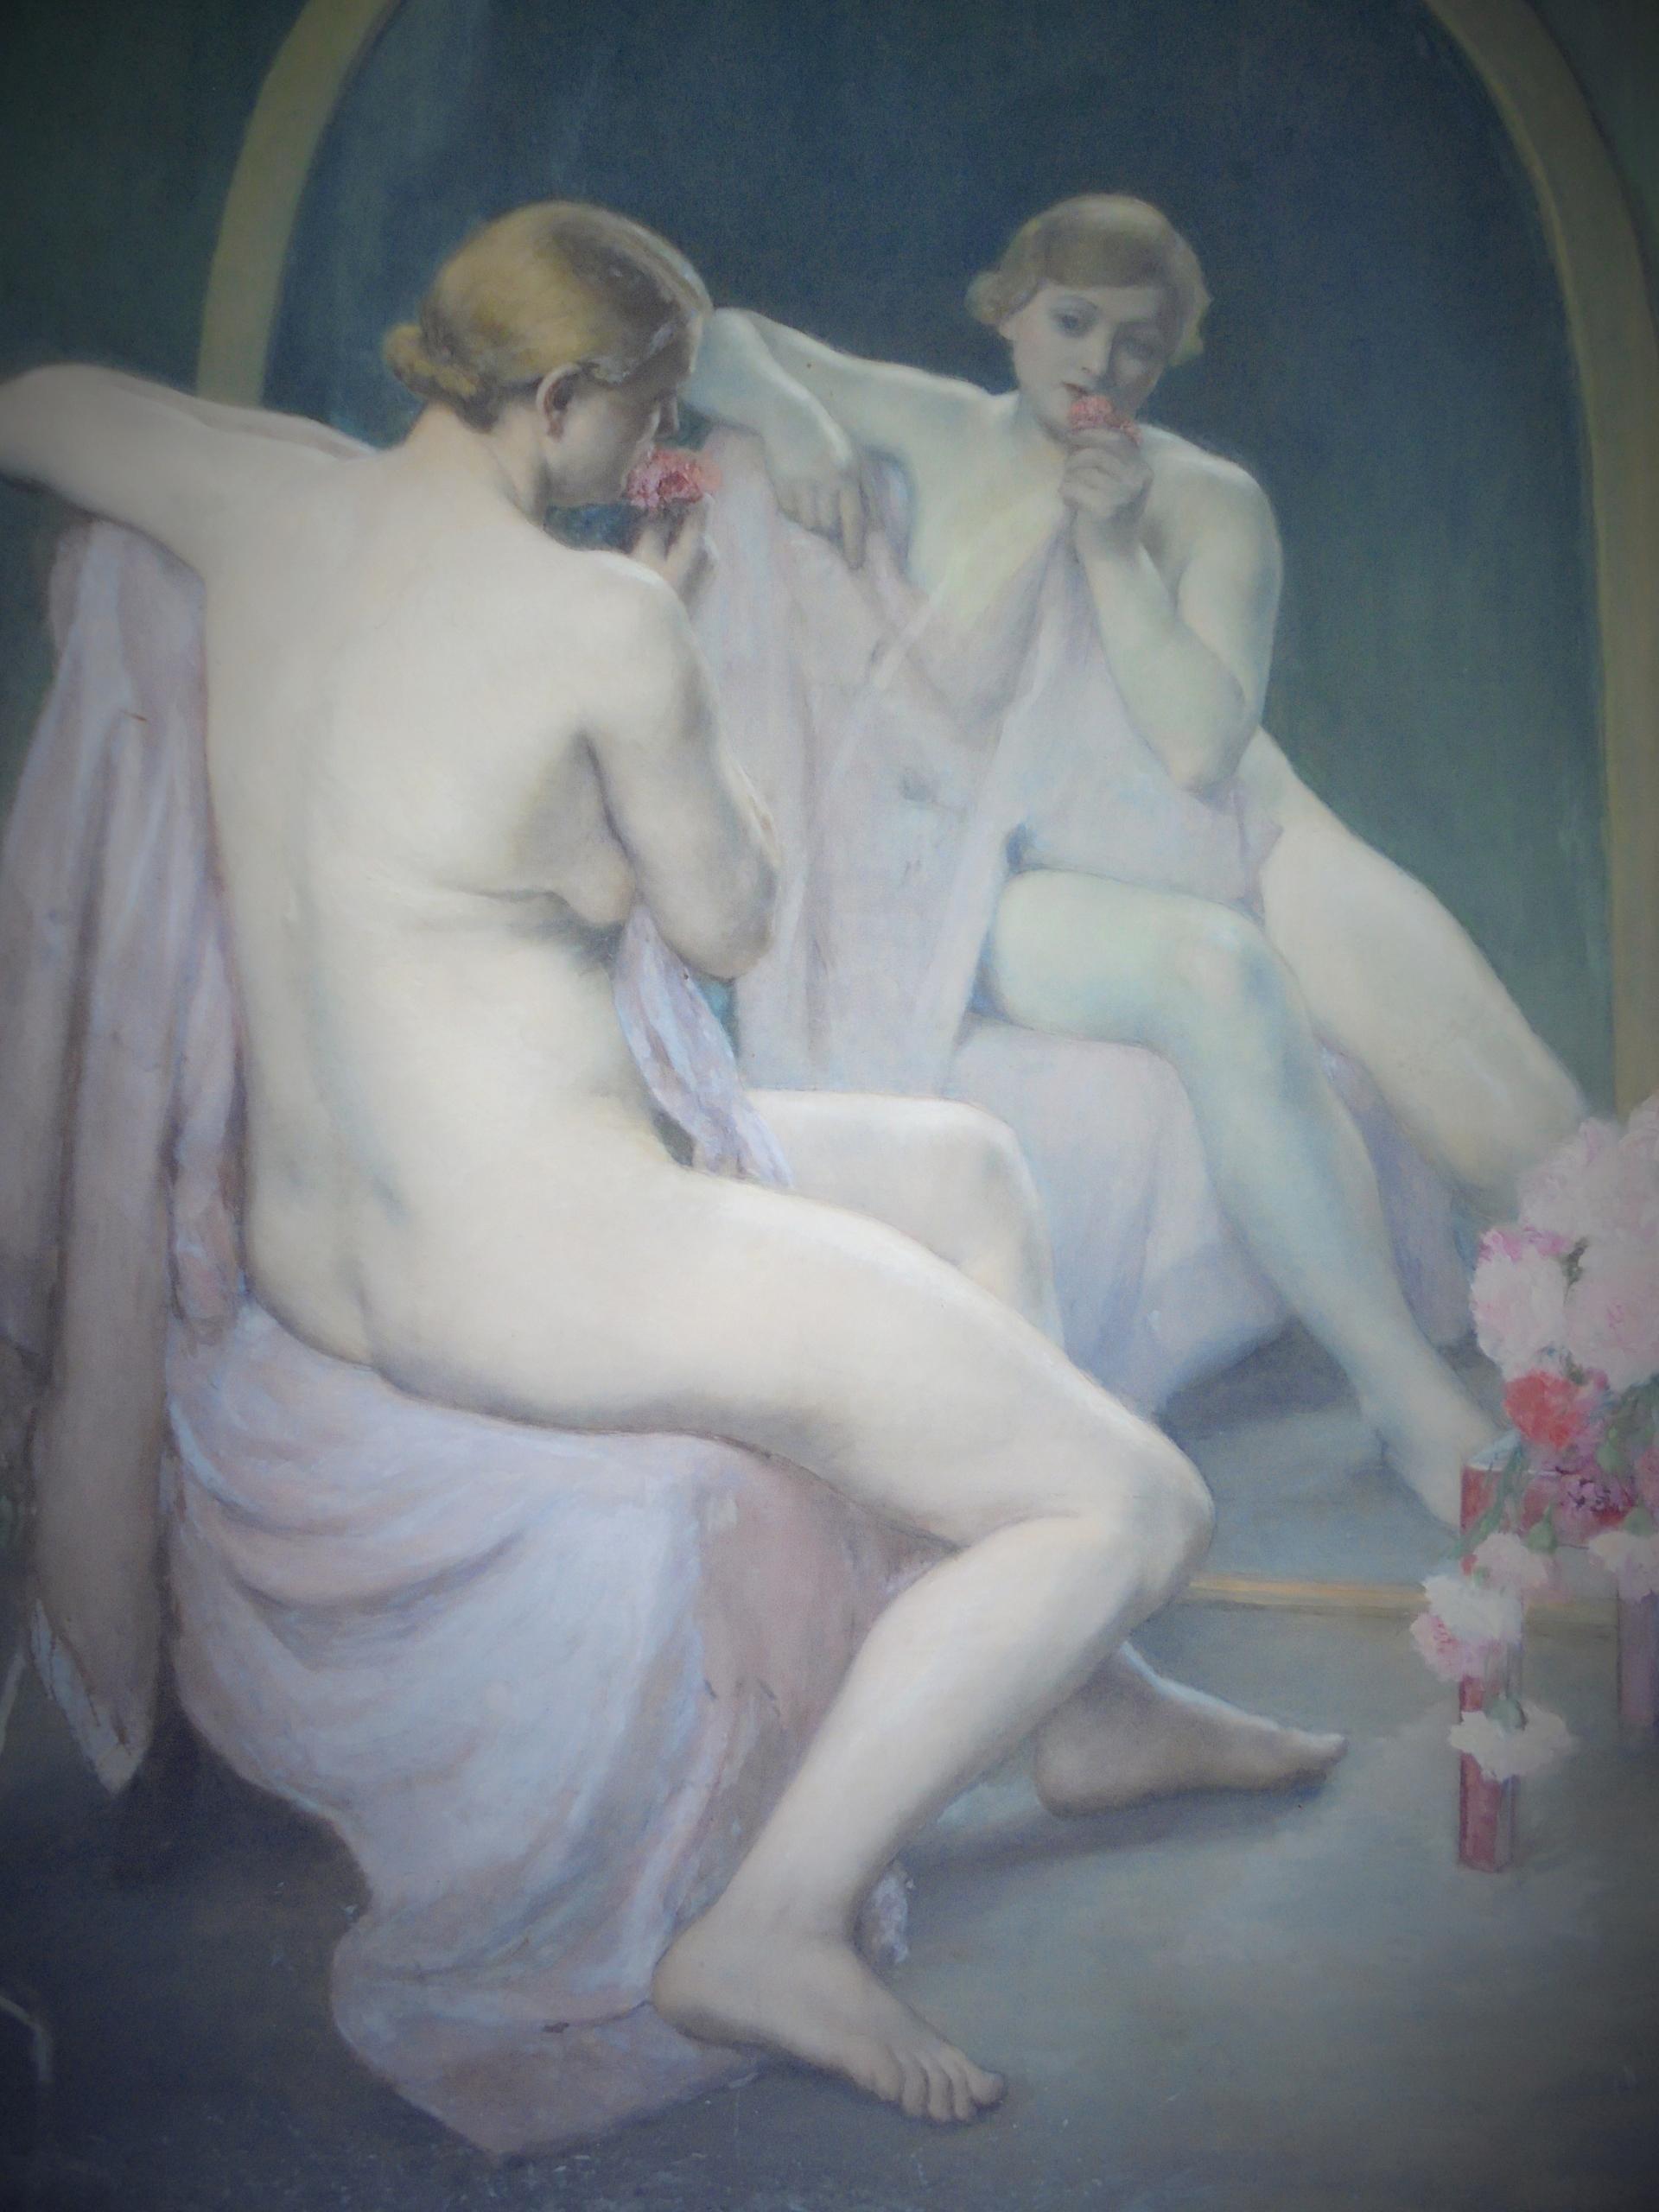 Femme assise devant un miroir huile sur toile 1937collection FNAGPnuméro d'inventaire 204 © FNAGP (2)